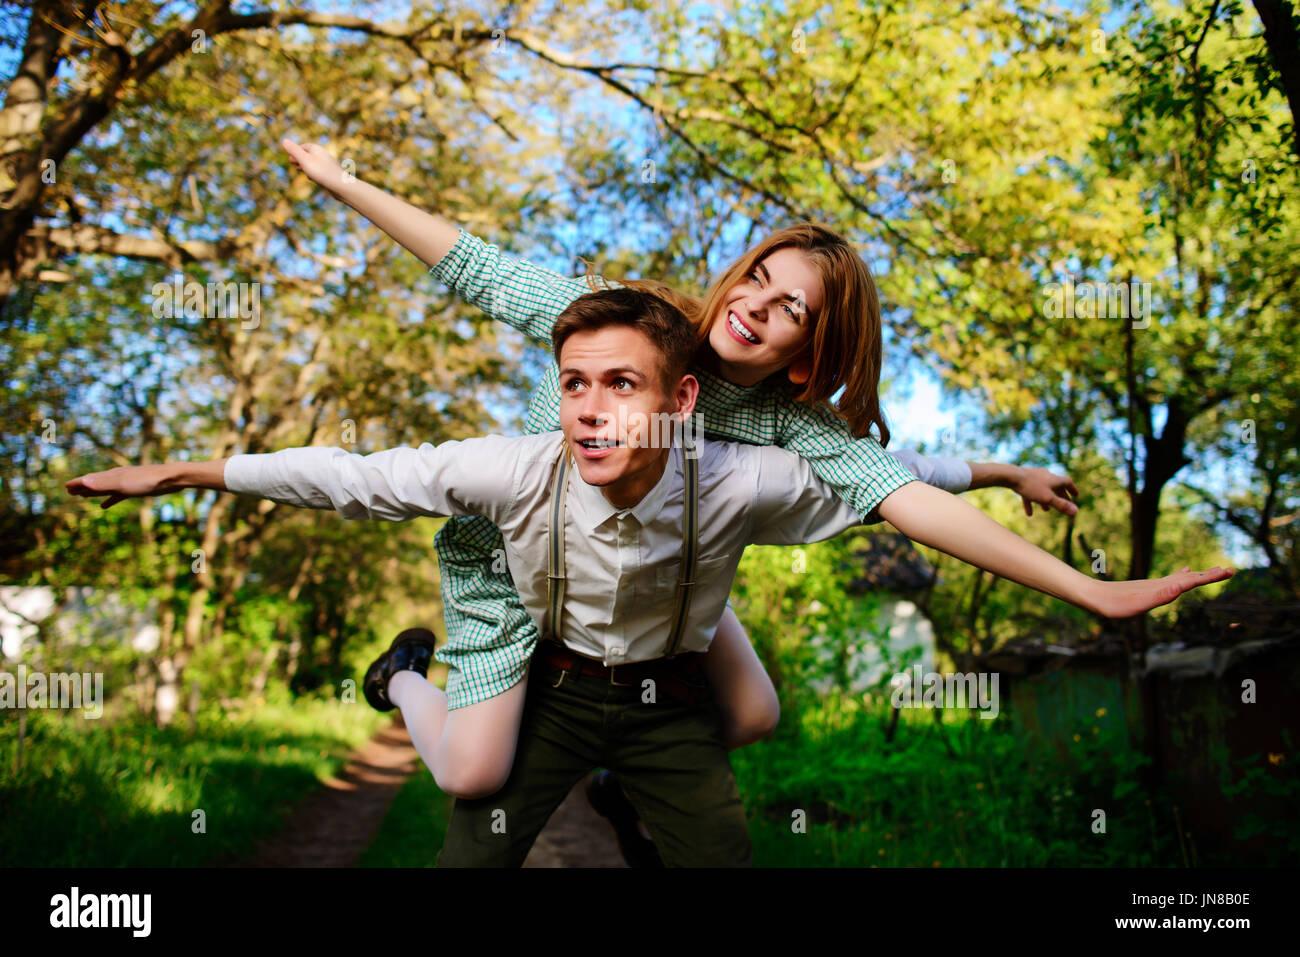 Ritratto di coppia felice alzando le mani in aria aperta. Immagini Stock